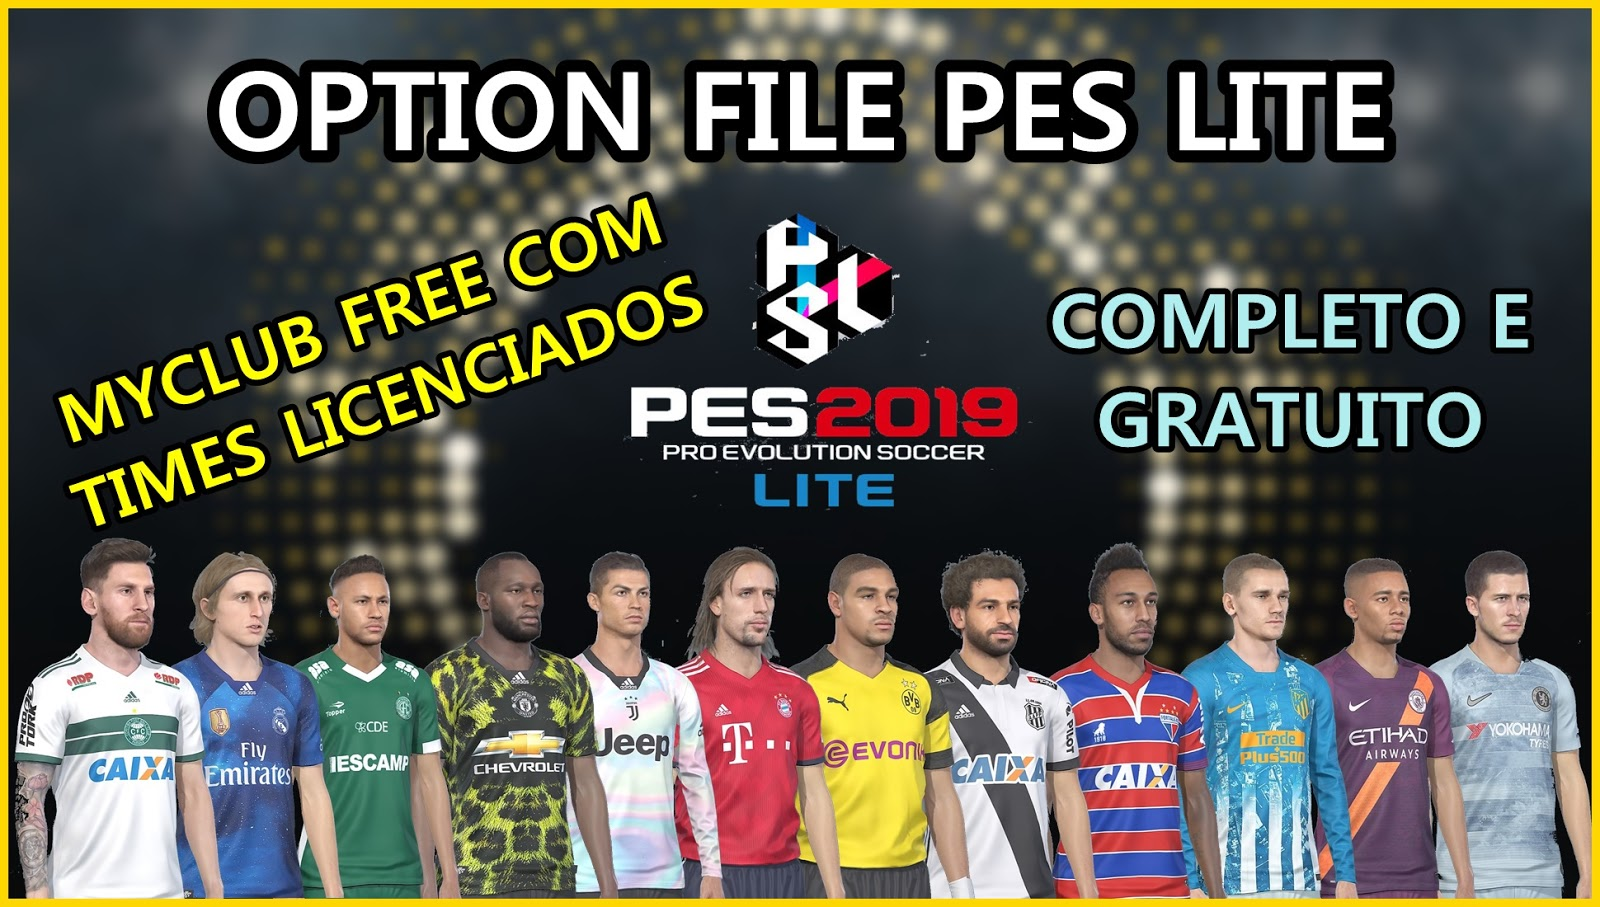 8ad3f05034 PES 2019 - OPTION FILE COMPLETO COMPATÍVEL COM A DLC 3.0 - COM ...